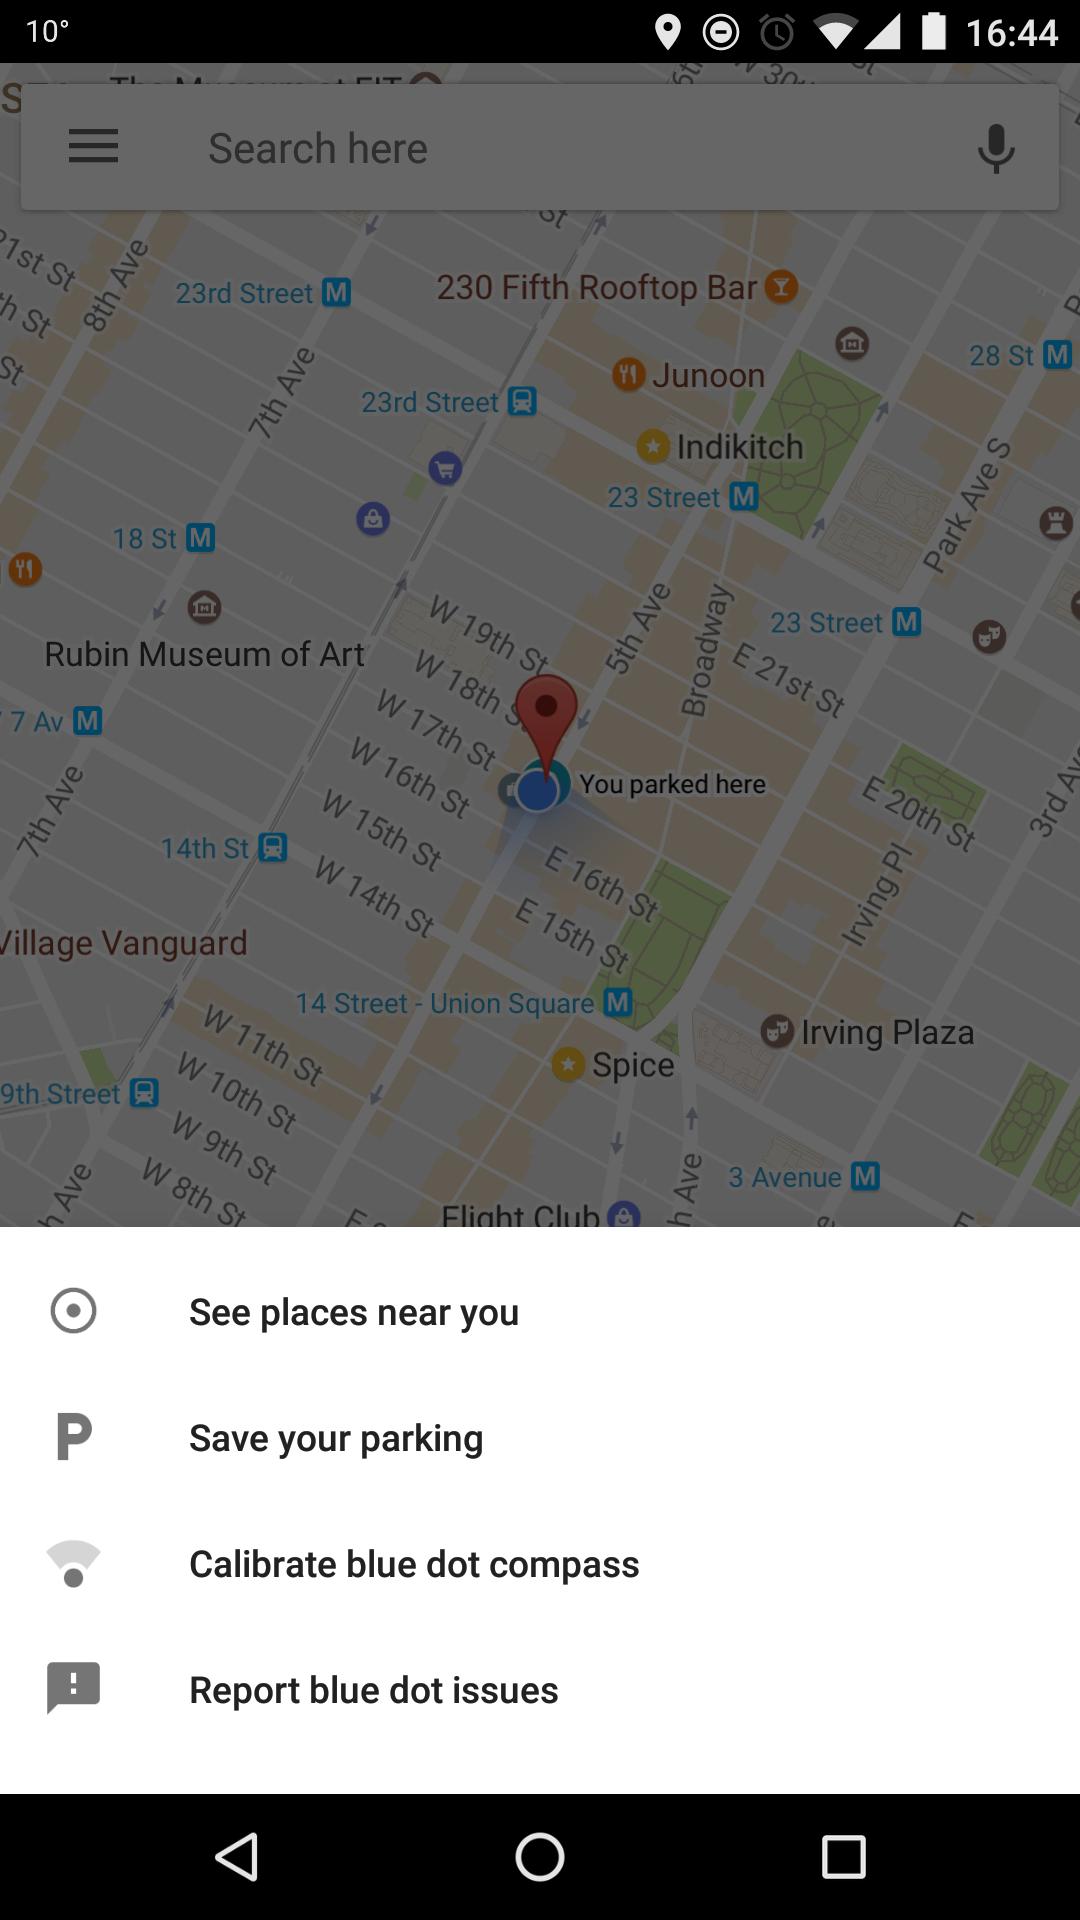 جوجل تطلق ميزة جديدة لتذكيرك بمكان ركن سيارتك